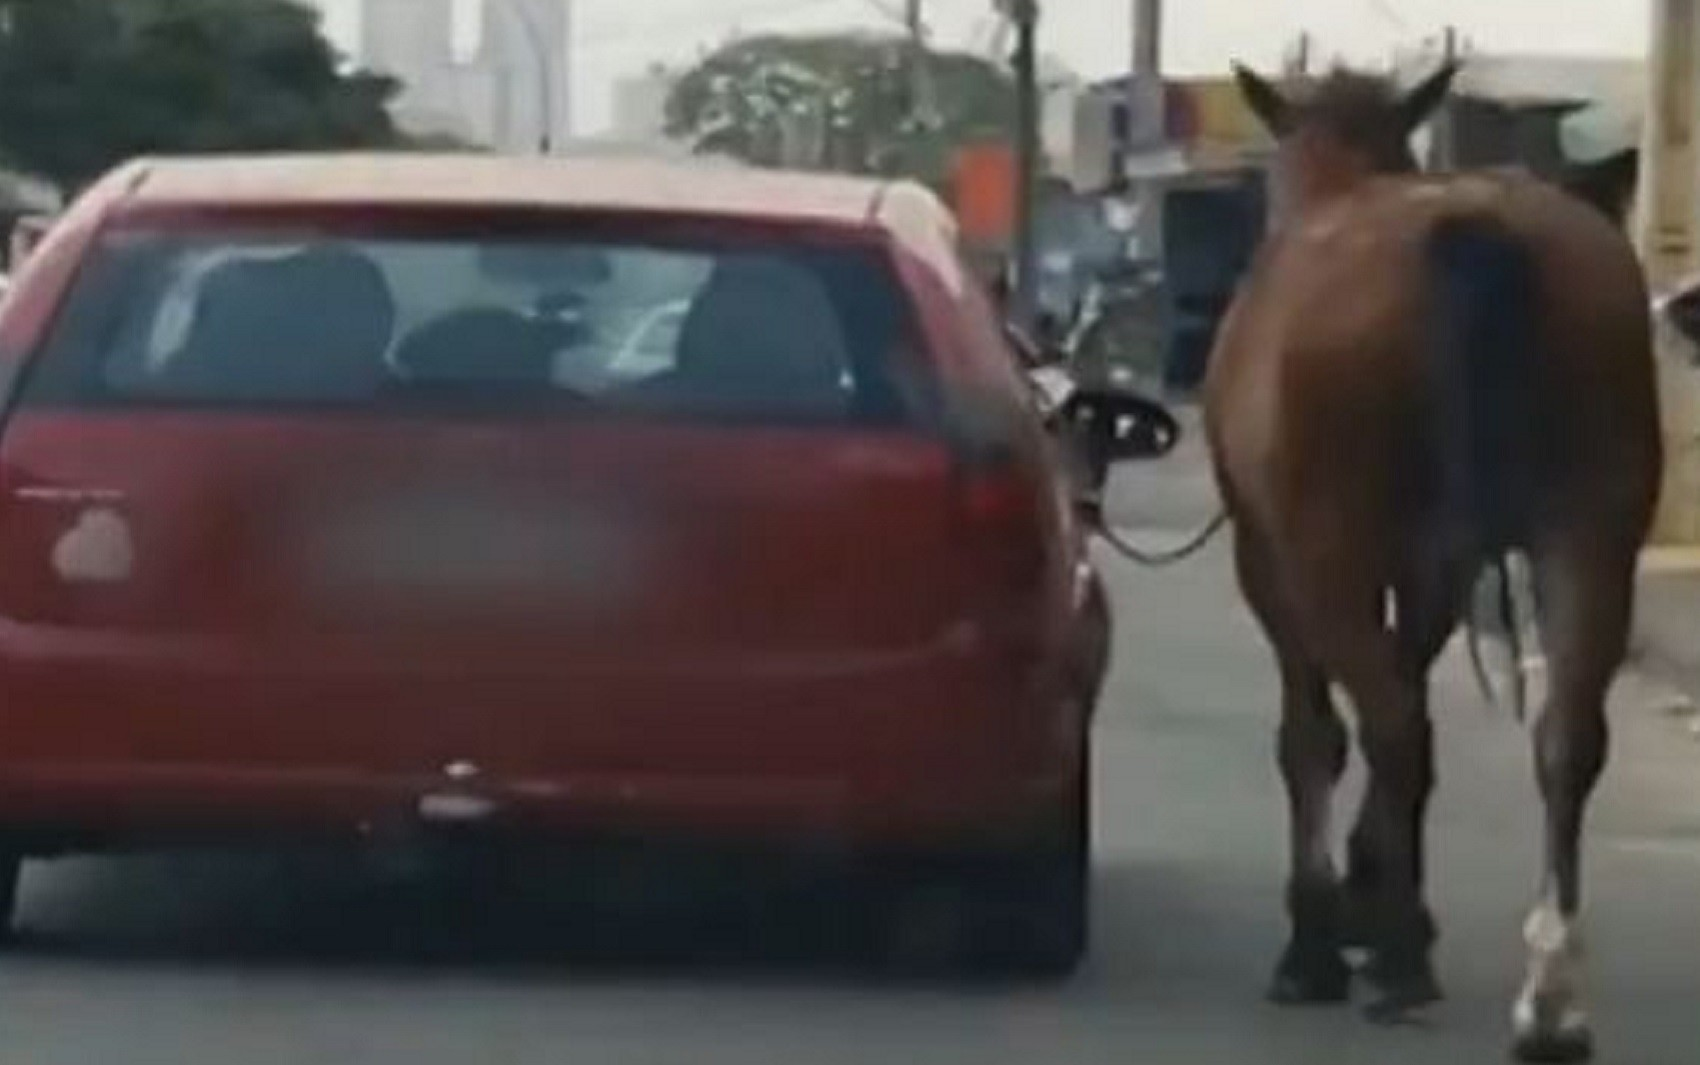 Cavalo é puxado por ocupante de carro em movimento em Aparecida de Goiânia; vídeo